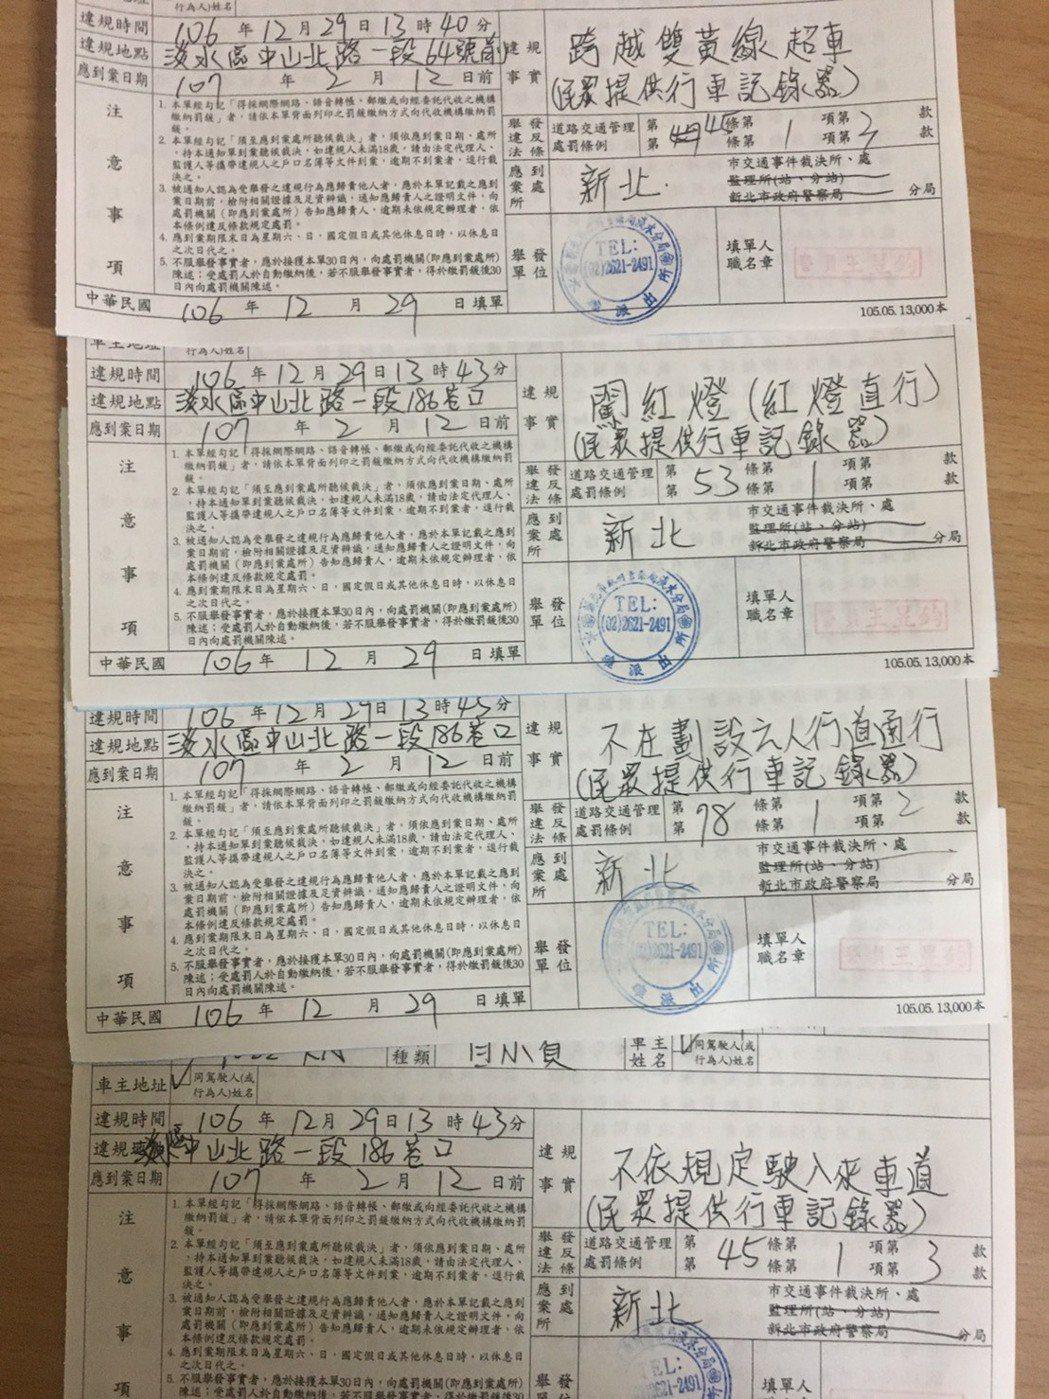 警方最後對方姓男子連續開罰4張紅單。記者林昭彰/翻攝